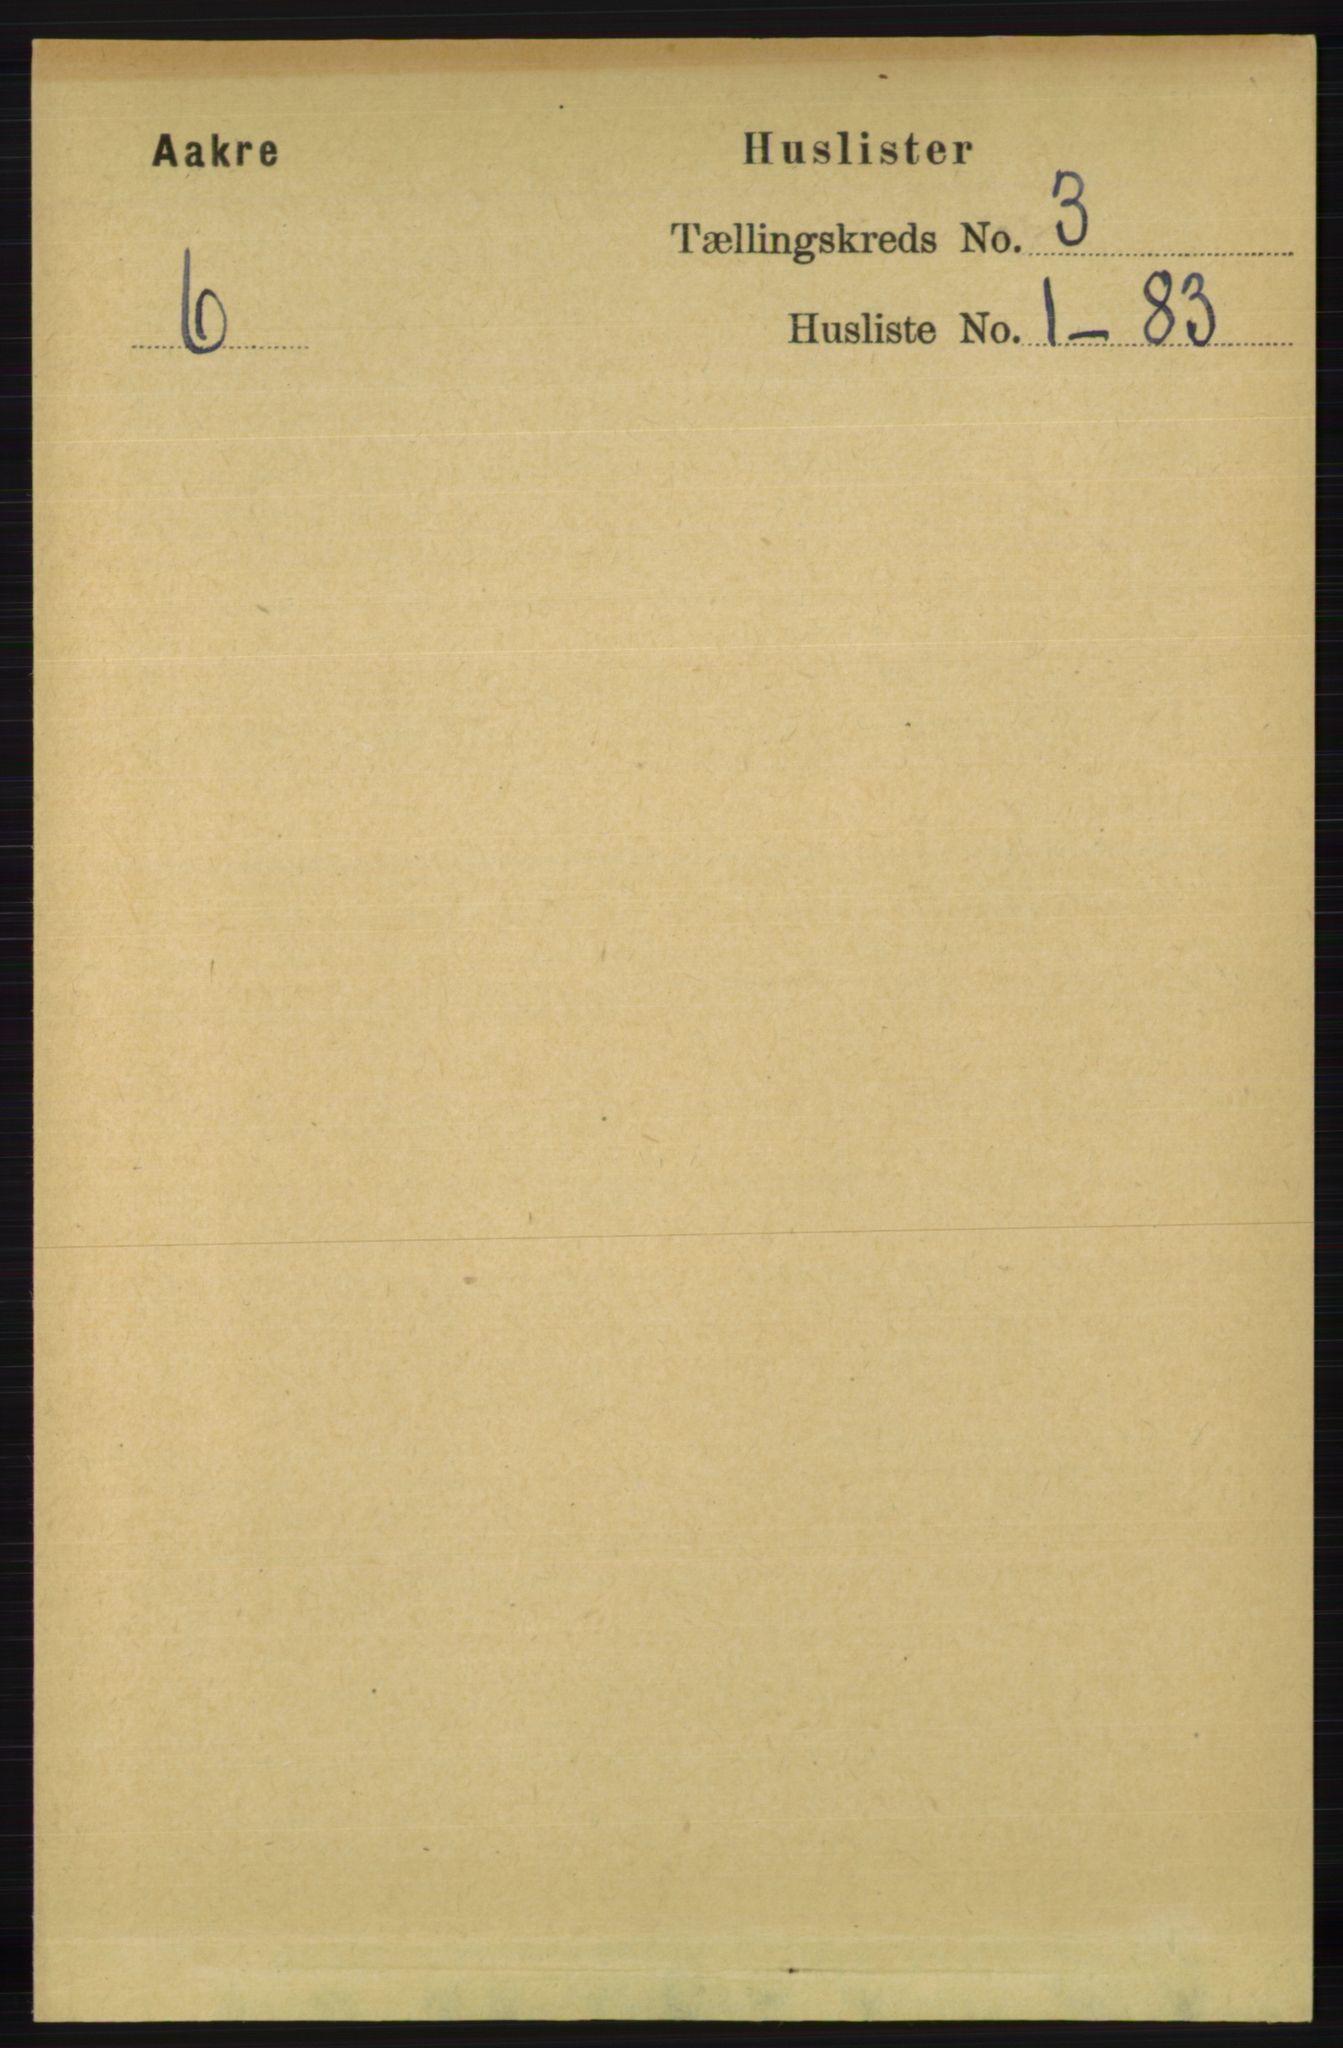 RA, Folketelling 1891 for 1150 Skudenes herred, 1891, s. 3910